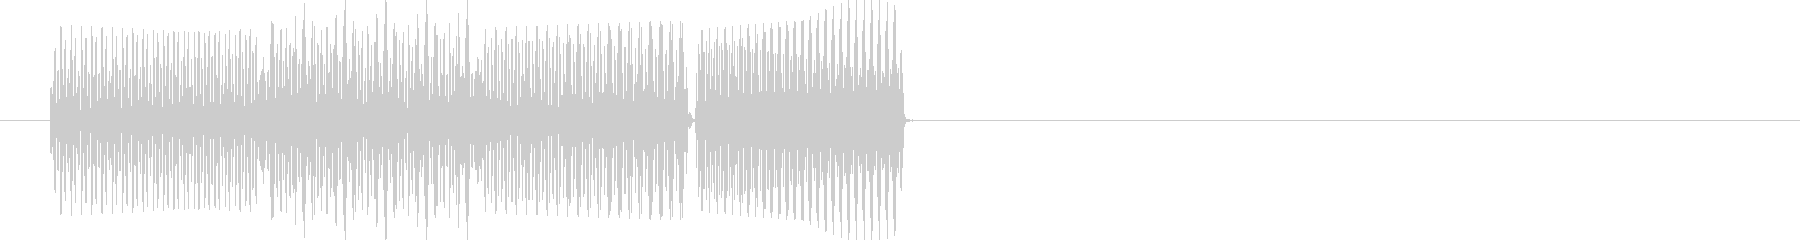 テロリラン(スロットでの確定音)の未再生の波形